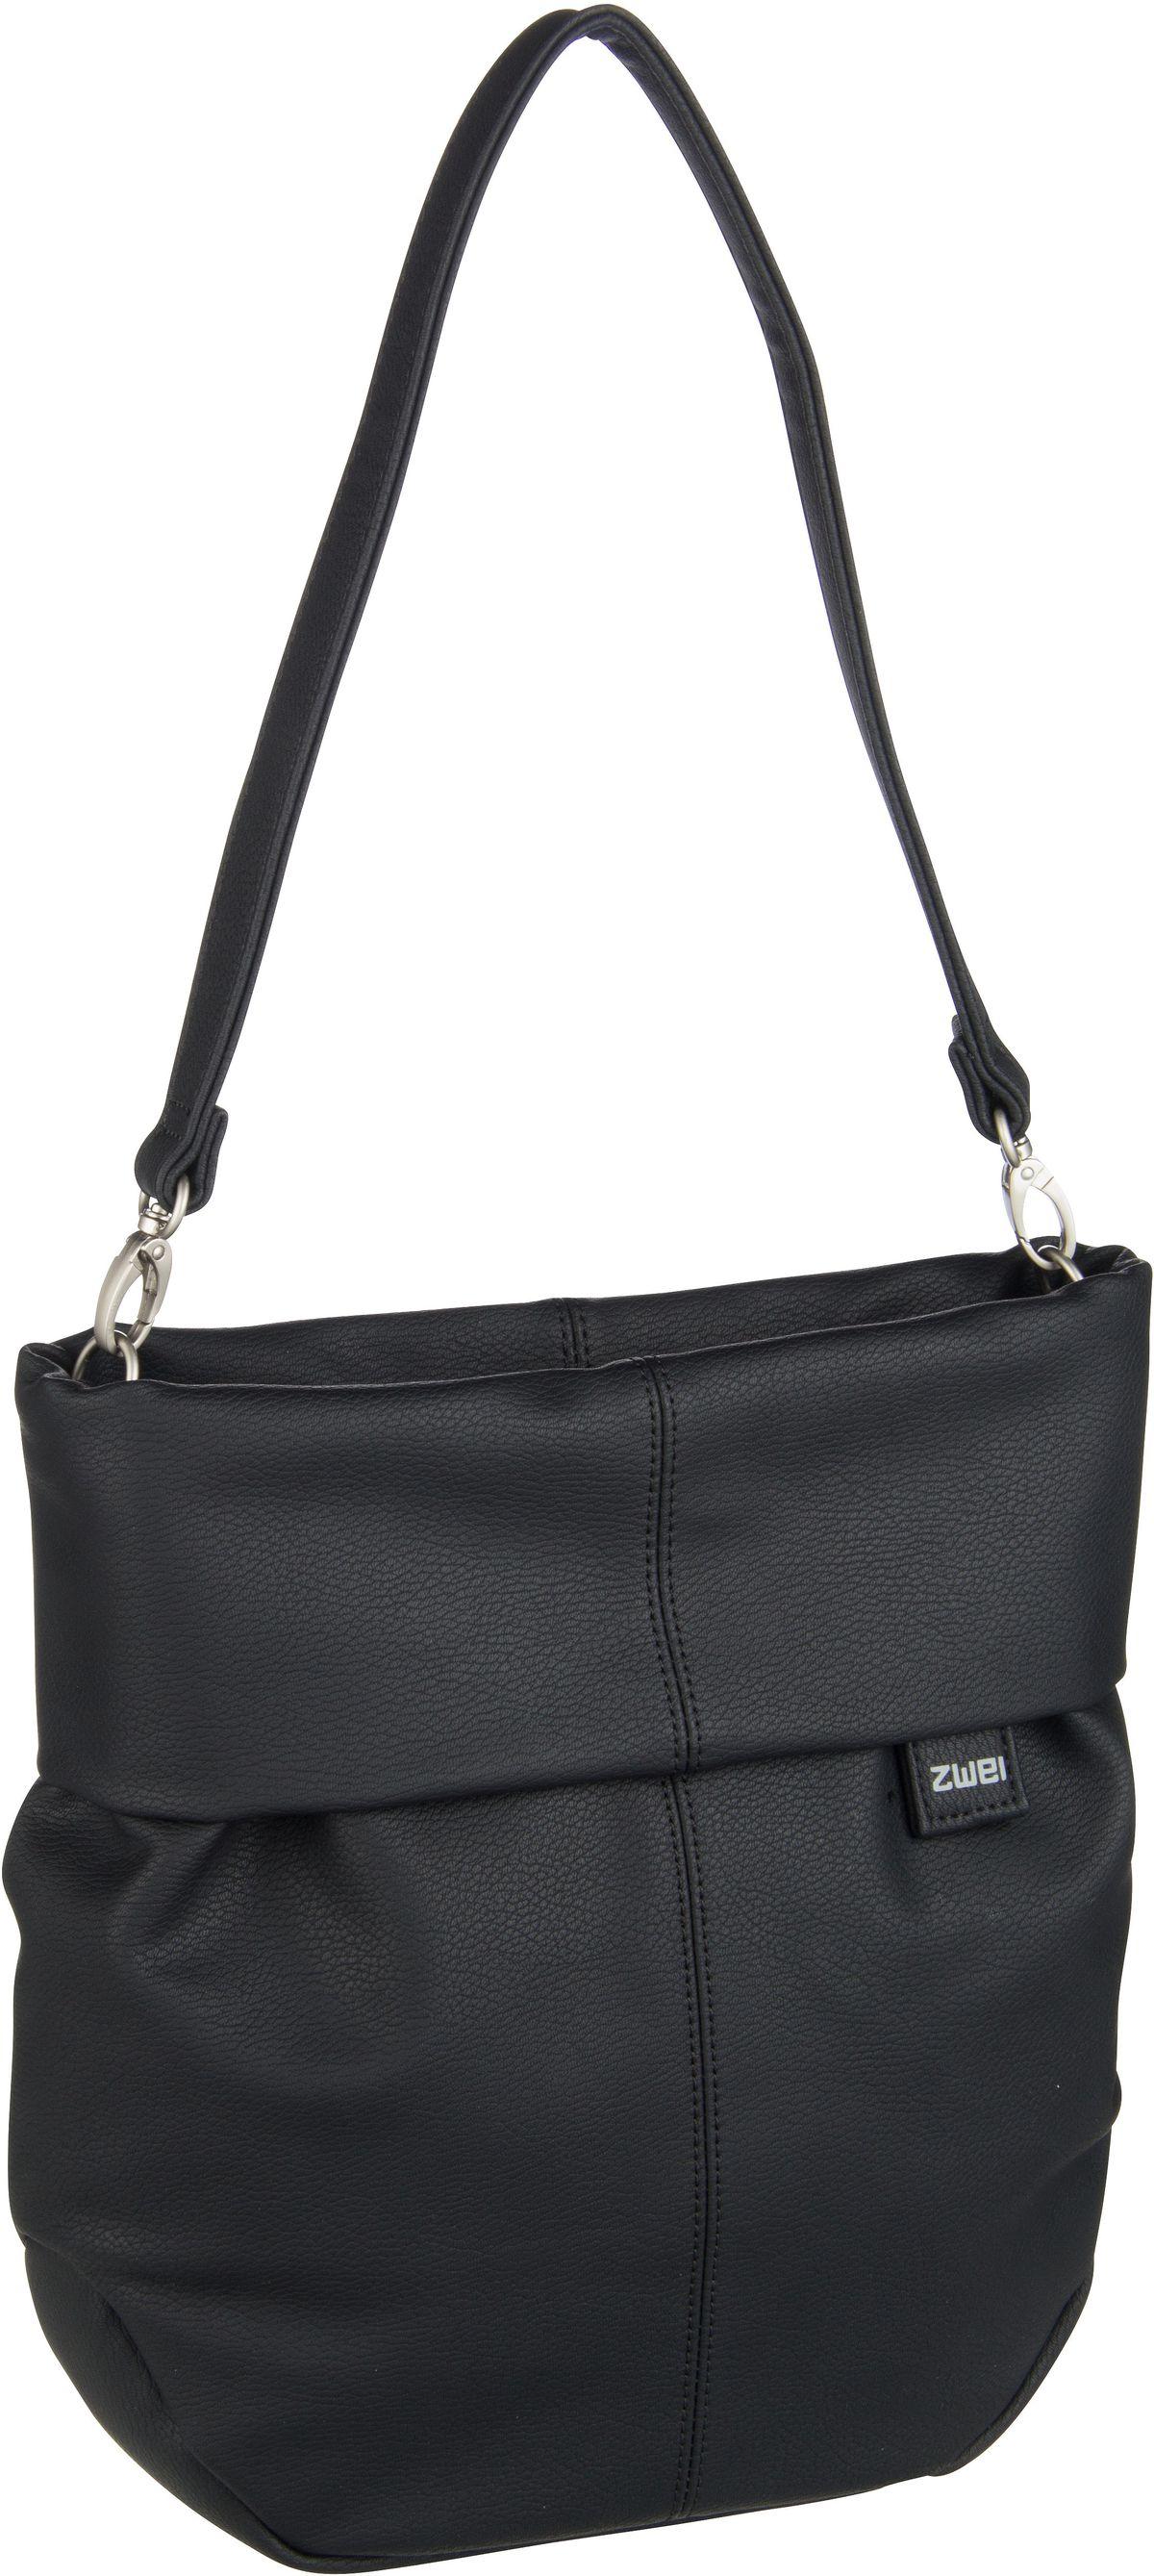 Handtasche Mademoiselle M100 Nubuk/Black (5 Liter)